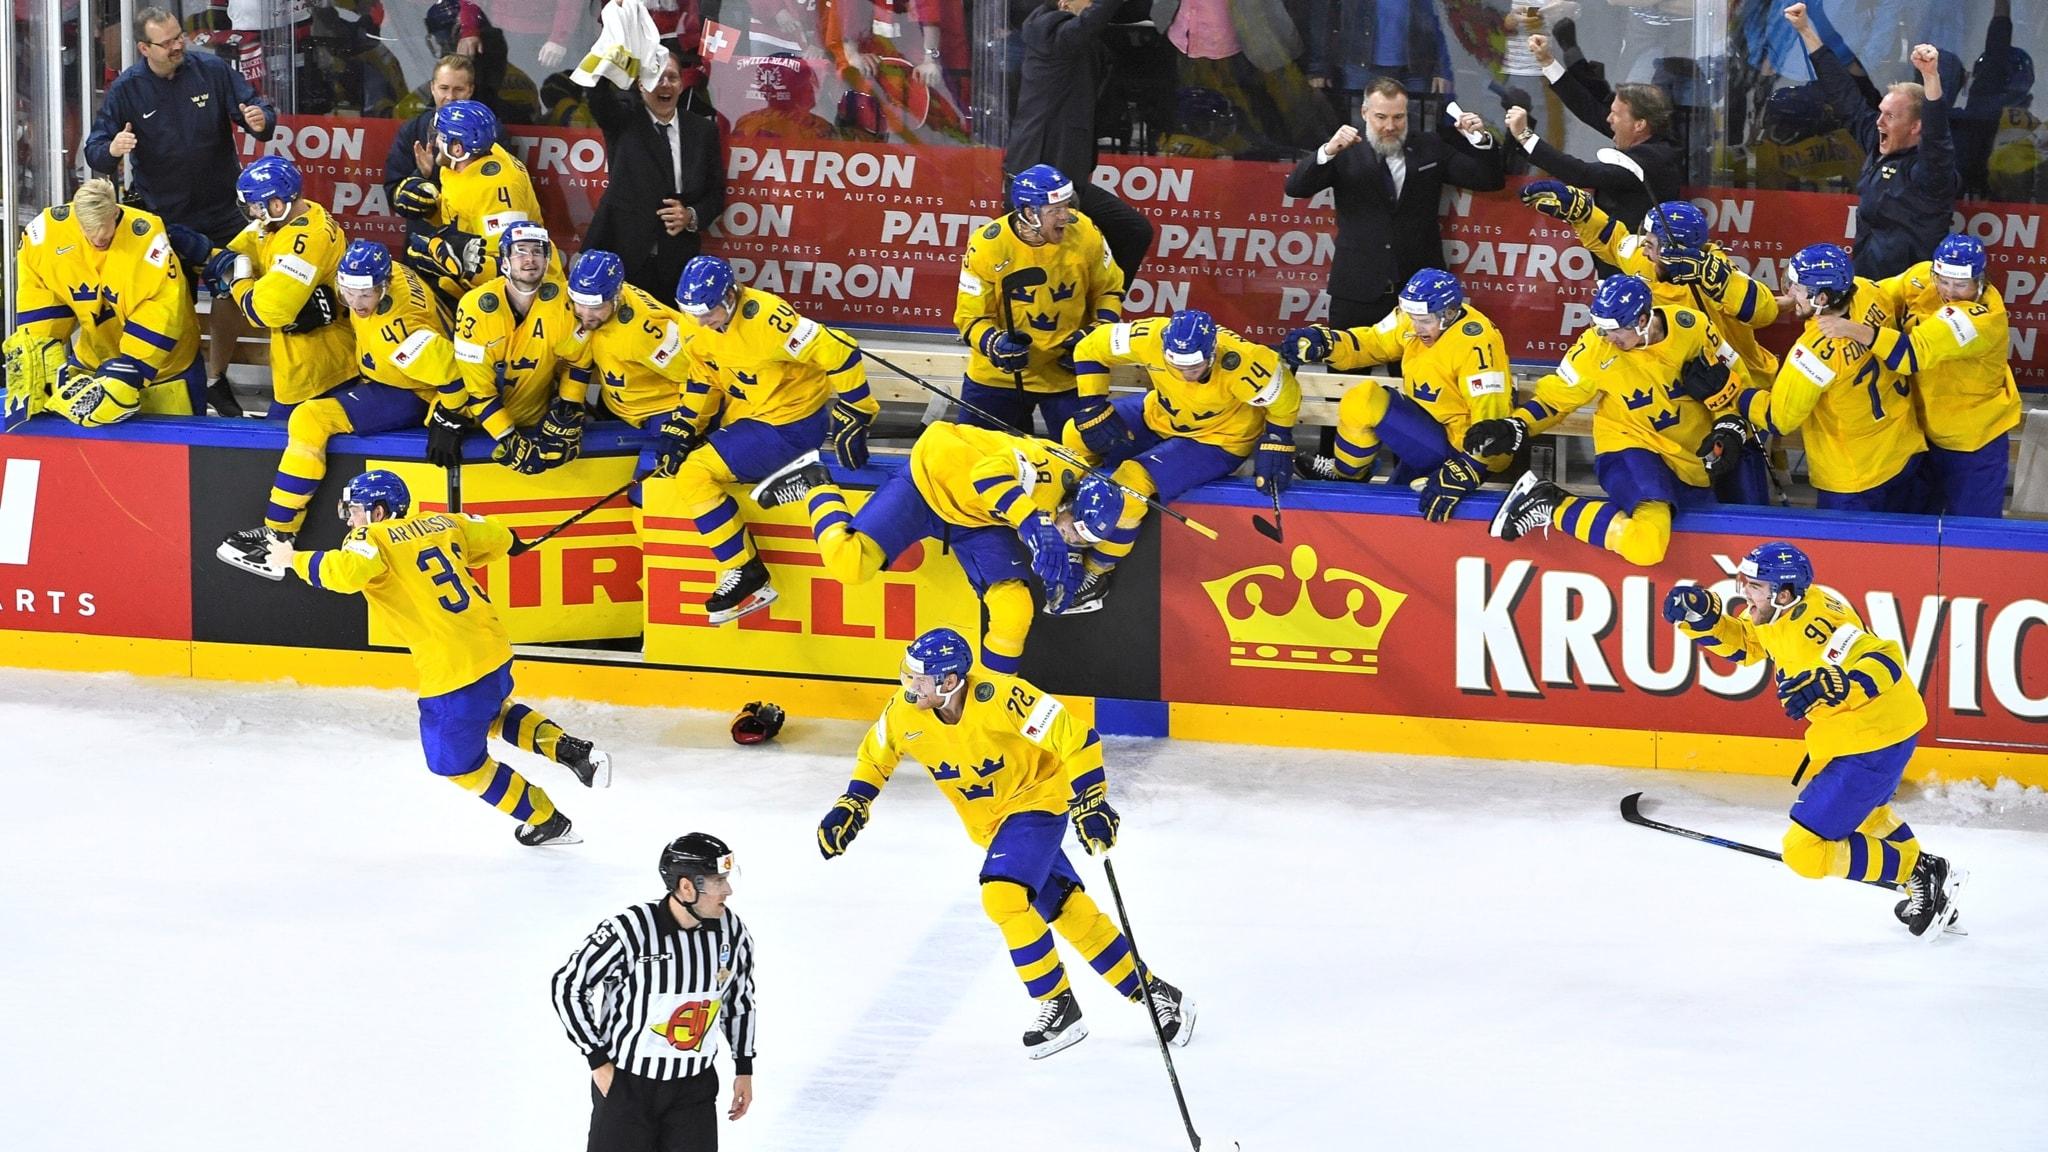 Ishockey Vm